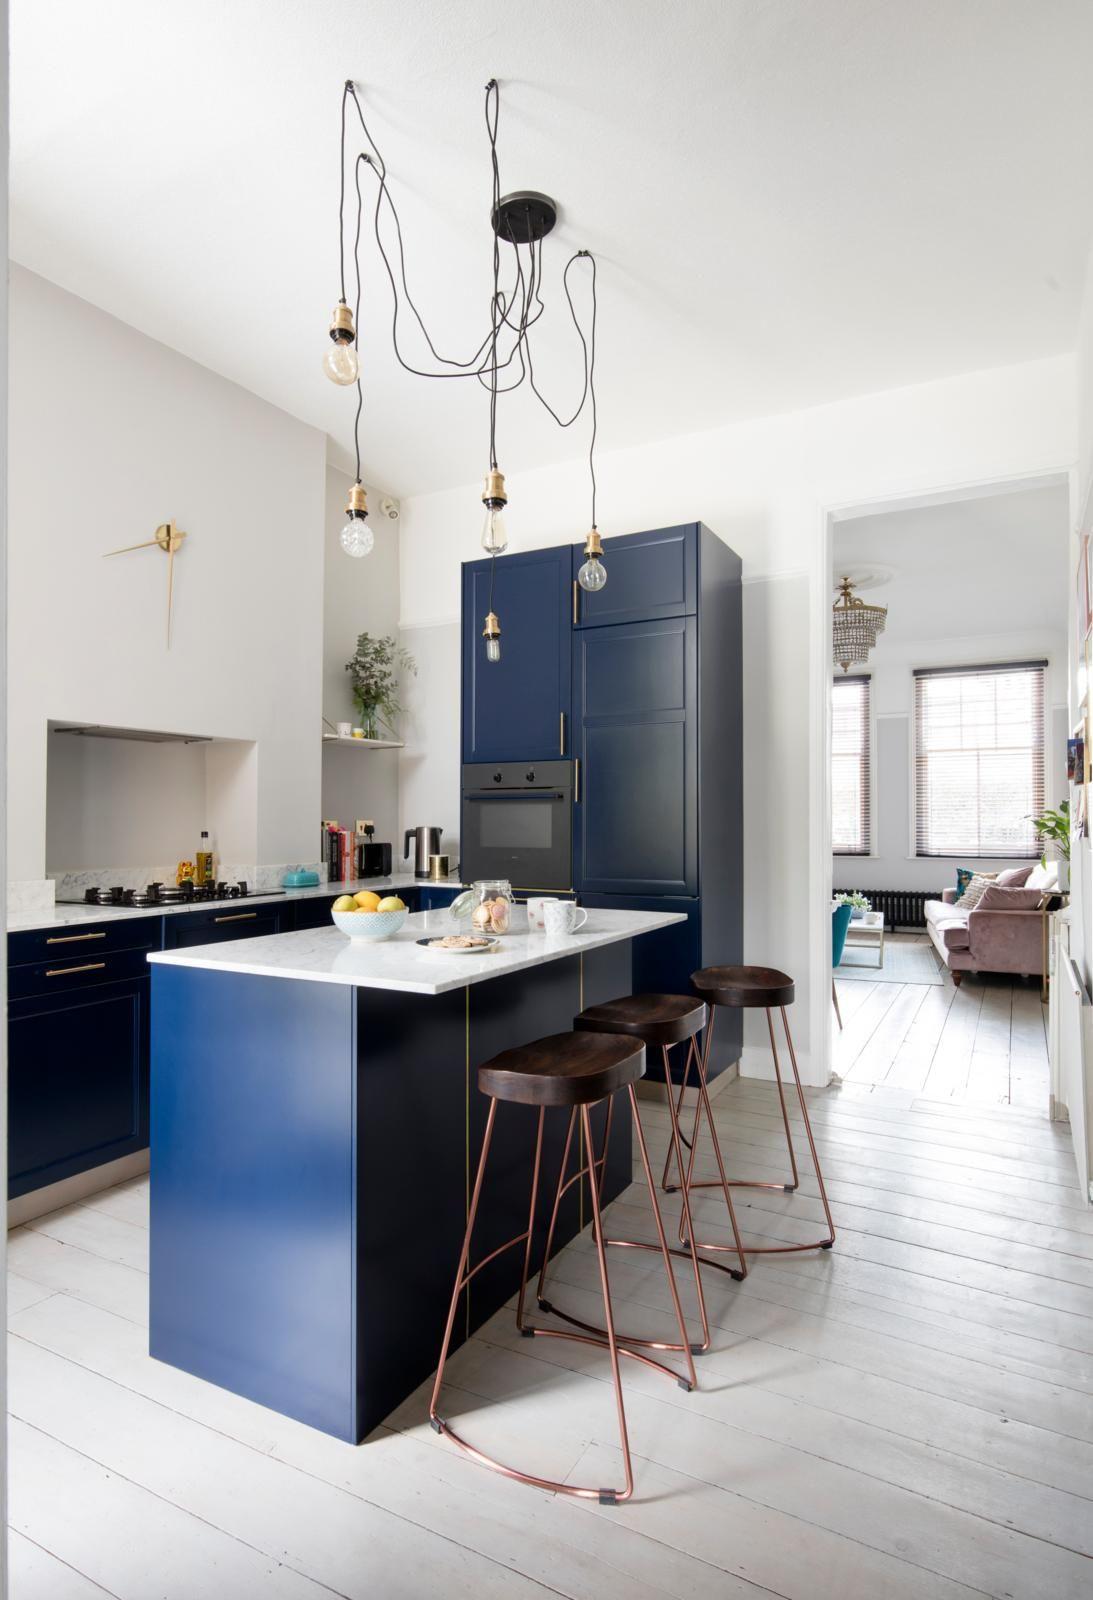 Gallery Home decor, Dark kitchen, Marble island